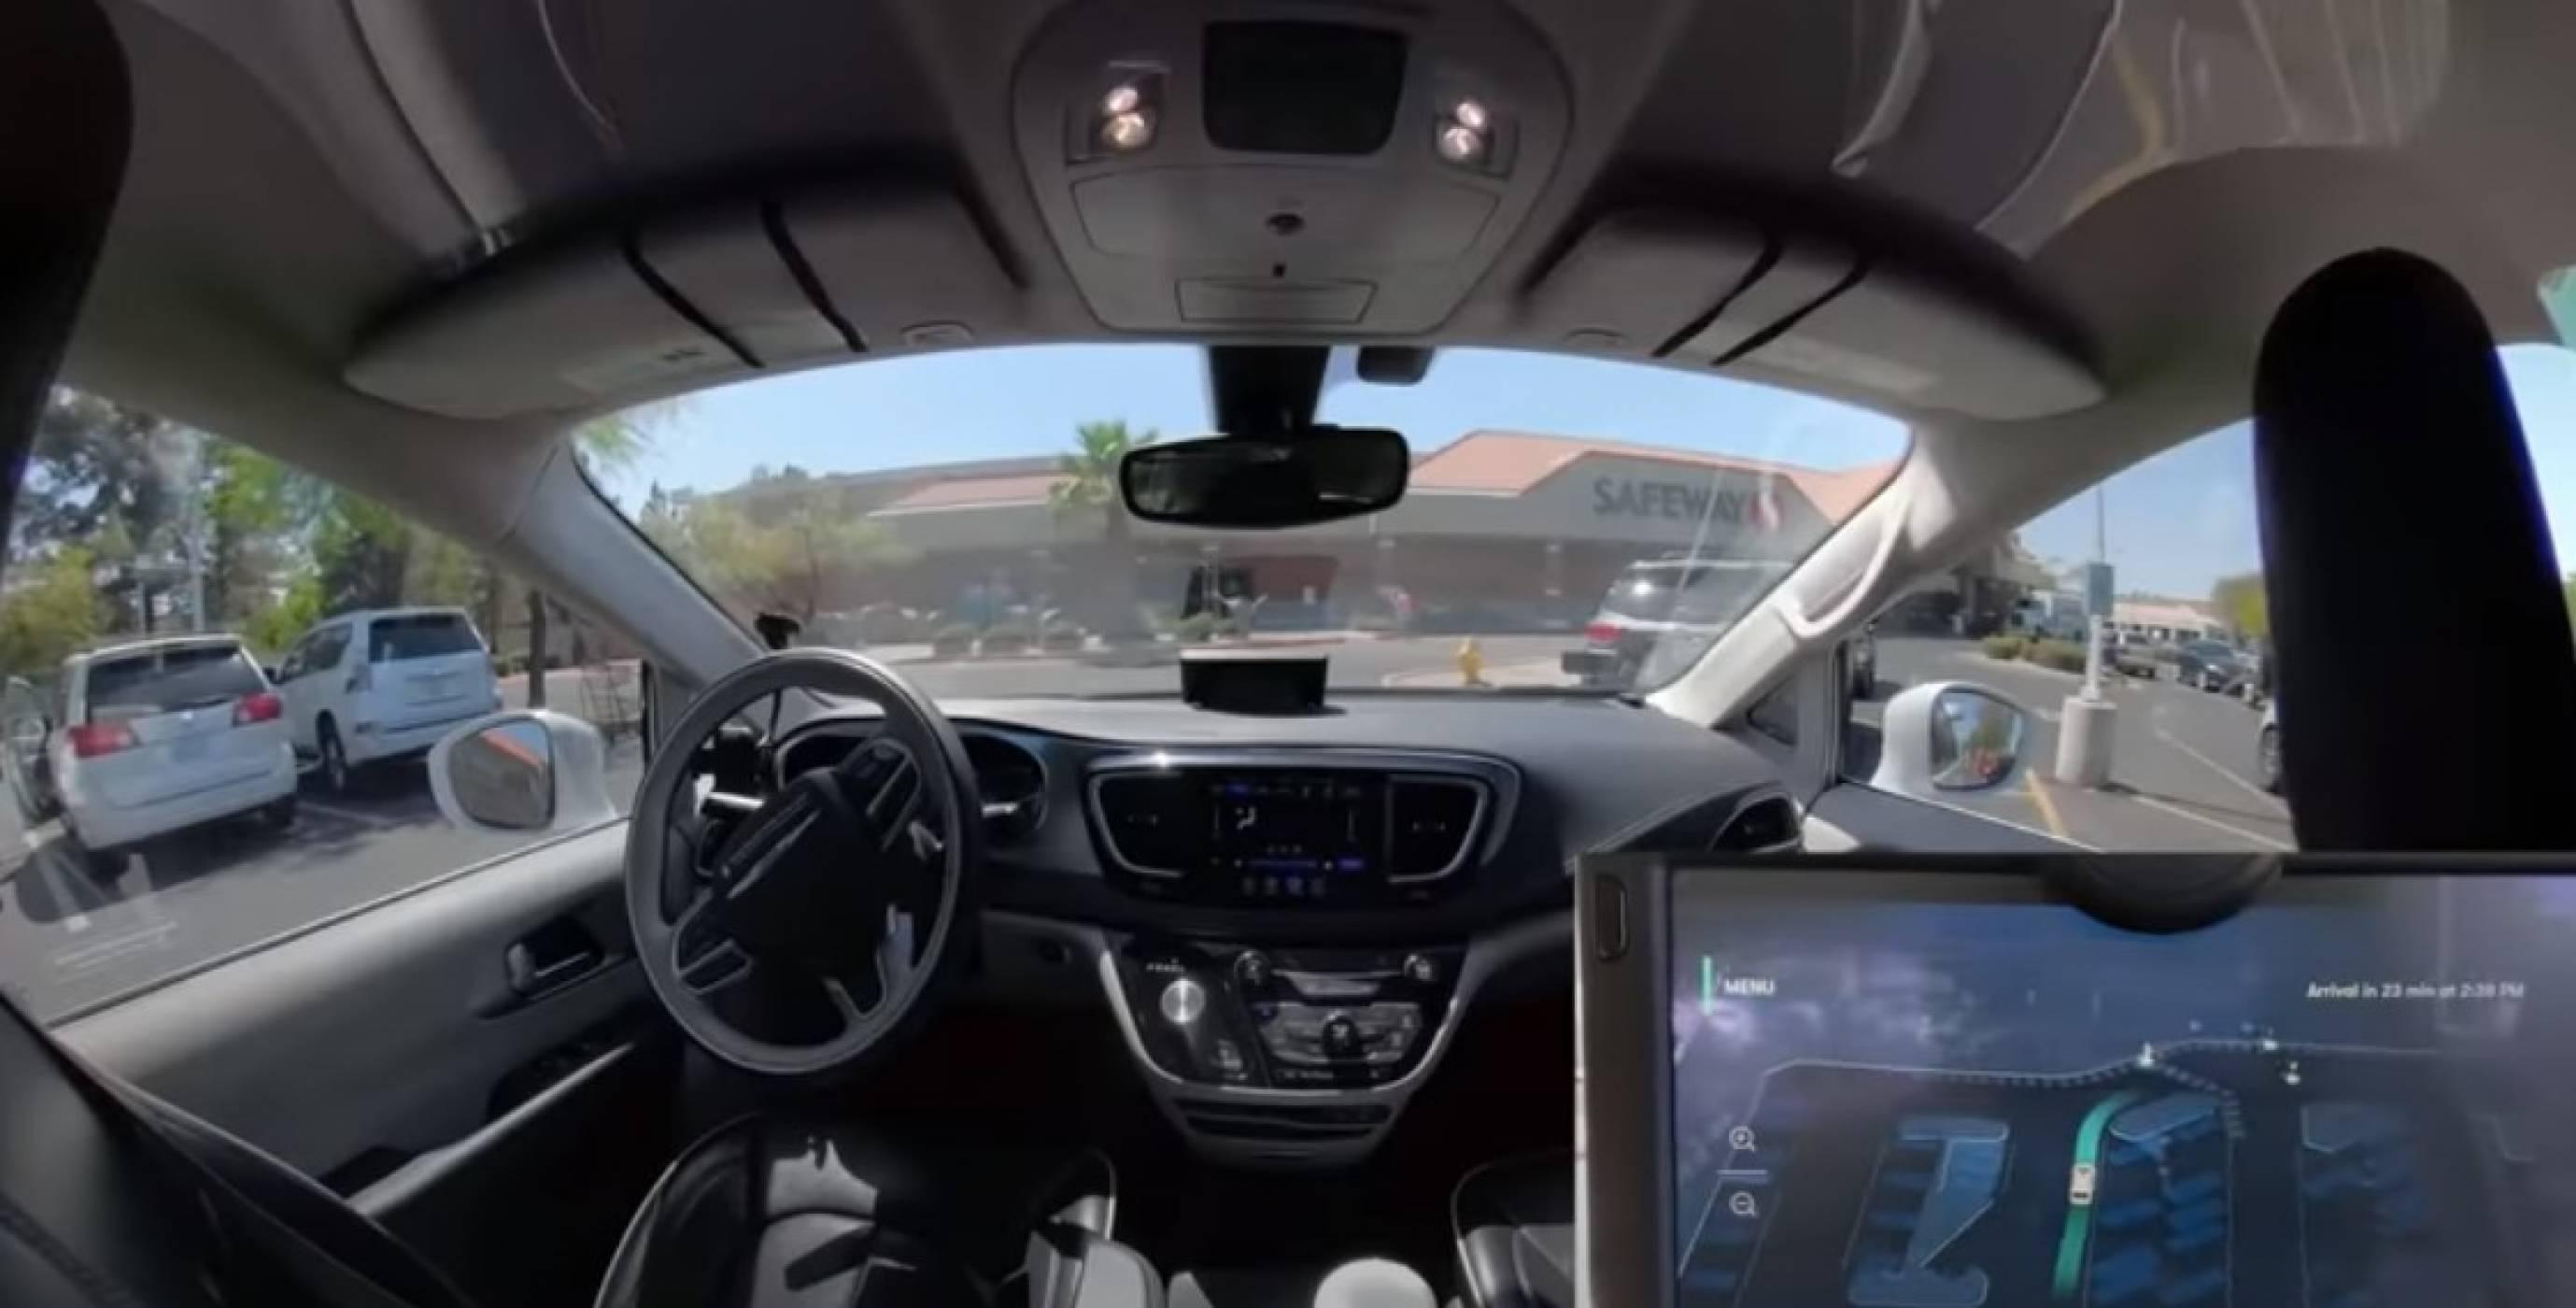 Как се тестват автономните автомобили? (ВИДЕО)